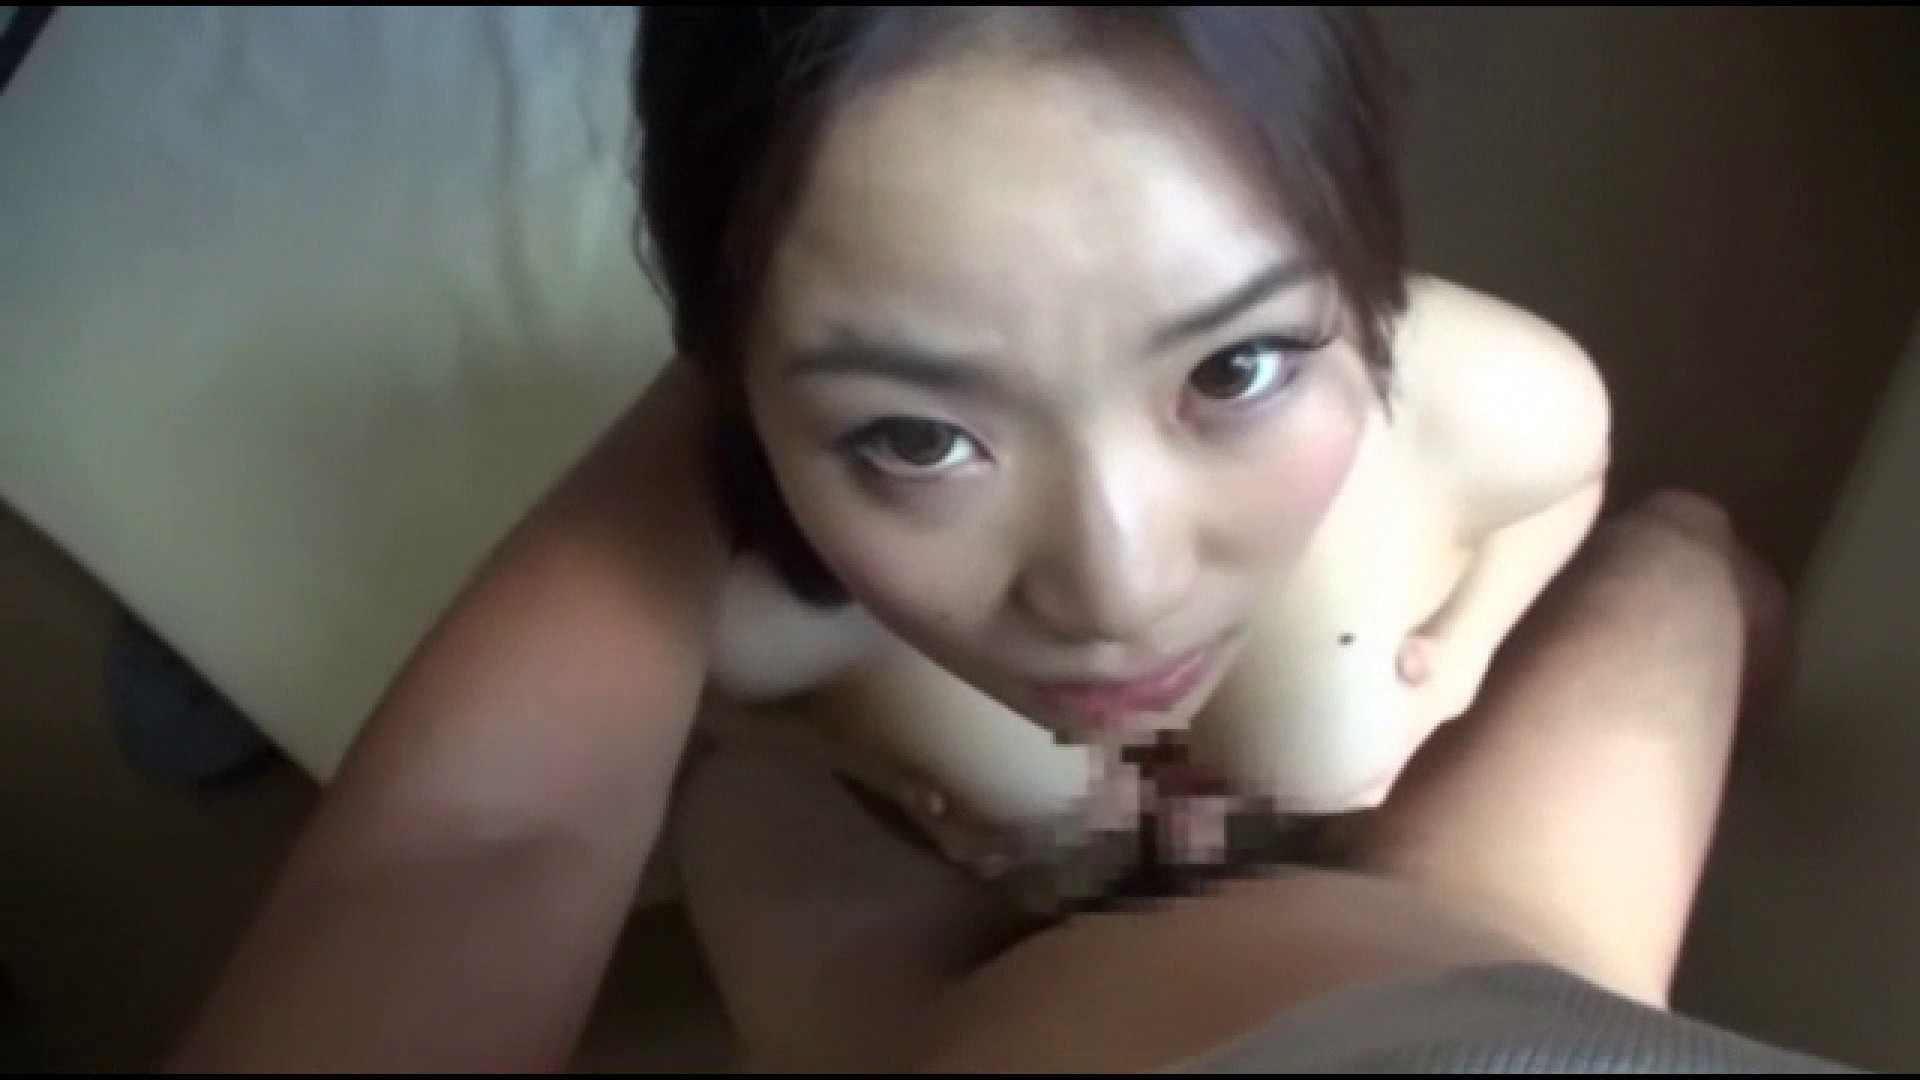 おしえてギャル子のH塾 Vol.43後編 流出作品 盗撮動画紹介 106pic 13